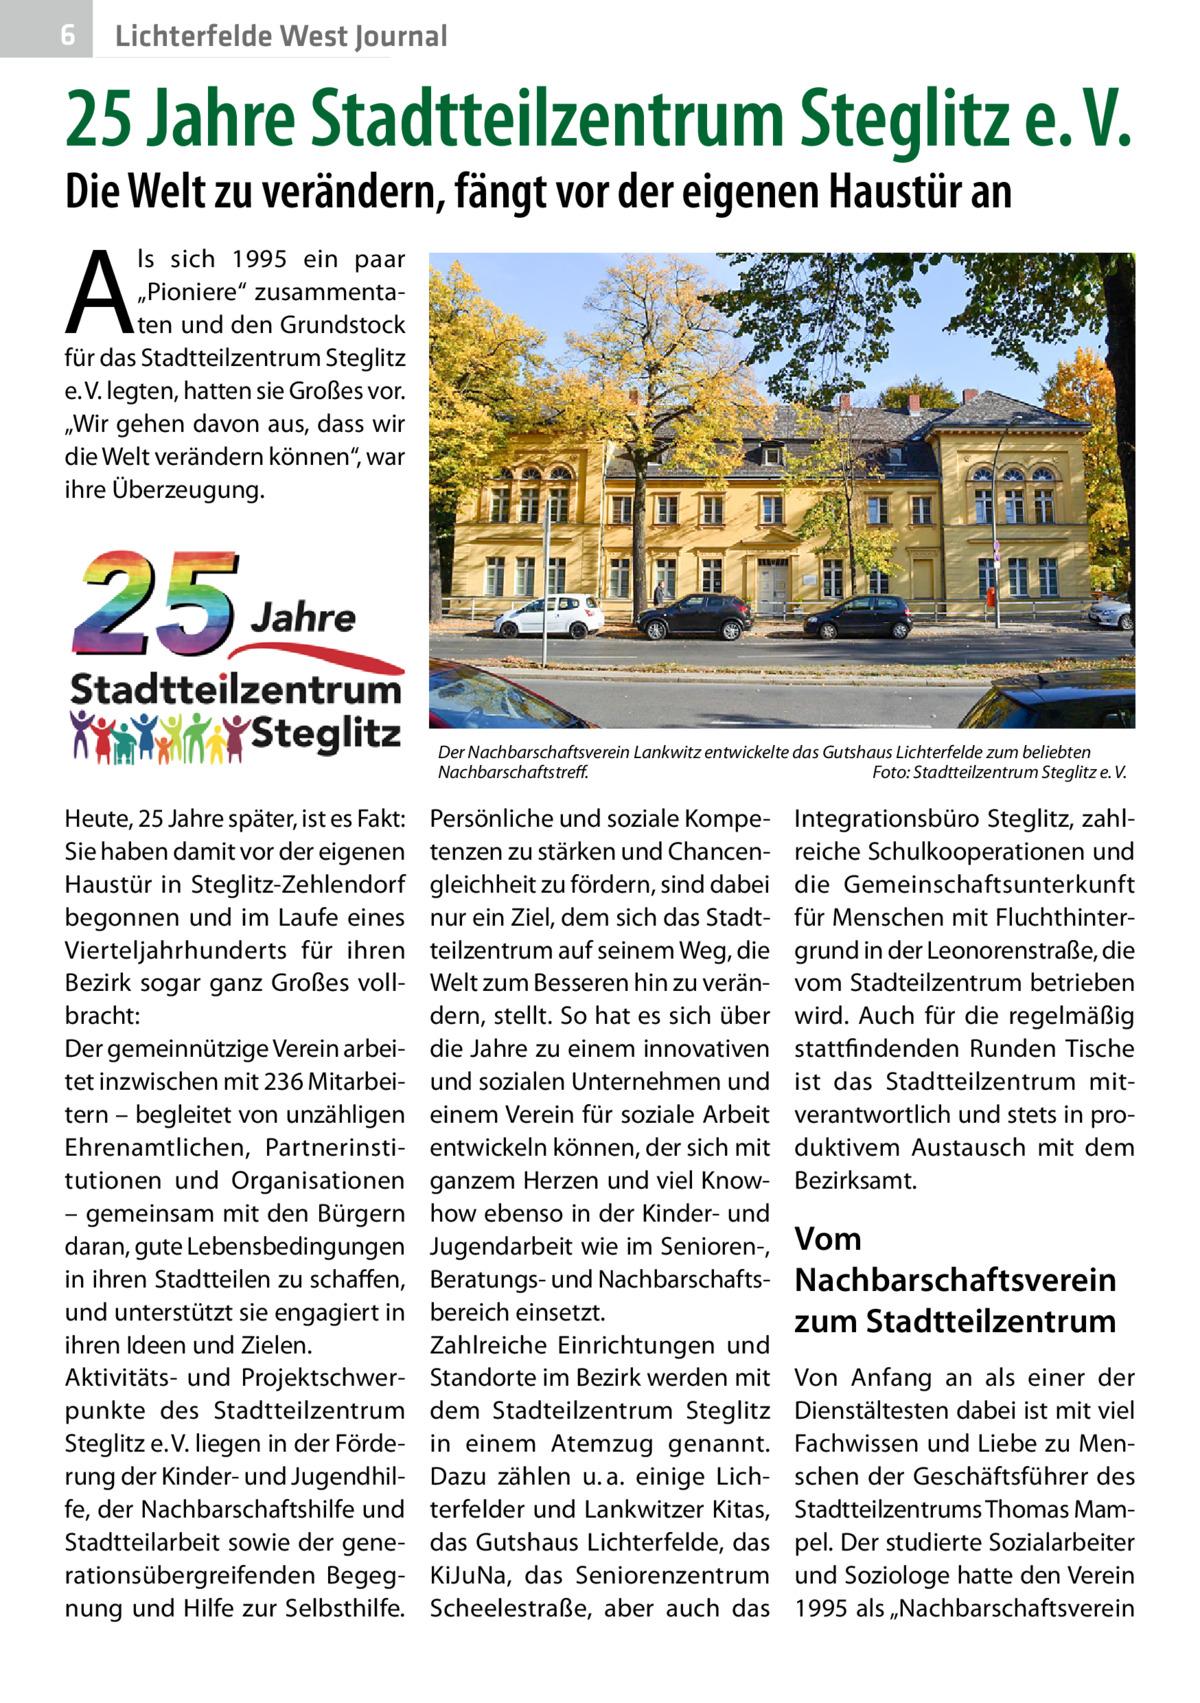 """6  Lichterfelde West Journal  25Jahre Stadtteilzentrum Steglitz e.V. Die Welt zu verändern, fängt vor der eigenen Haustür an  A  ls sich 1995 ein paar """"Pioniere"""" zusammentaten und den Grundstock für das Stadtteilzentrum Steglitz e.V. legten, hatten sie Großes vor. """"Wir gehen davon aus, dass wir die Welt verändern können"""", war ihre Überzeugung.  Der Nachbarschaftsverein Lankwitz entwickelte das Gutshaus Lichterfelde zum beliebten Nachbarschaftstreff.� Foto: Stadtteilzentrum Steglitz e.V.  Heute, 25Jahre später, ist es Fakt: Sie haben damit vor der eigenen Haustür in Steglitz-Zehlendorf begonnen und im Laufe eines Vierteljahrhunderts für ihren Bezirk sogar ganz Großes vollbracht: Der gemeinnützige Verein arbeitet inzwischen mit 236 Mitarbeitern – begleitet von unzähligen Ehrenamtlichen, Partnerinstitutionen und Organisationen – gemeinsam mit den Bürgern daran, gute Lebensbedingungen in ihren Stadtteilen zu schaffen, und unterstützt sie engagiert in ihren Ideen und Zielen. Aktivitäts- und Projektschwerpunkte des Stadtteilzentrum Steglitz e.V. liegen in der Förderung der Kinder- und Jugendhilfe, der Nachbarschaftshilfe und Stadtteilarbeit sowie der generationsübergreifenden Begegnung und Hilfe zur Selbsthilfe.  Persönliche und soziale Kompetenzen zu stärken und Chancengleichheit zu fördern, sind dabei nur ein Ziel, dem sich das Stadtteilzentrum auf seinem Weg, die Welt zum Besseren hin zu verändern, stellt. So hat es sich über die Jahre zu einem innovativen und sozialen Unternehmen und einem Verein für soziale Arbeit entwickeln können, der sich mit ganzem Herzen und viel Knowhow ebenso in der Kinder- und Jugendarbeit wie im Senioren-, Beratungs- und Nachbarschaftsbereich einsetzt. Zahlreiche Einrichtungen und Standorte im Bezirk werden mit dem Stadteilzentrum Steglitz in einem Atemzug genannt. Dazu zählen u.a. einige Lichterfelder und Lankwitzer Kitas, das Gutshaus Lichterfelde, das KiJuNa, das Seniorenzentrum Scheelestraße, aber auch das  Integrationsbüro Steglitz, zah"""